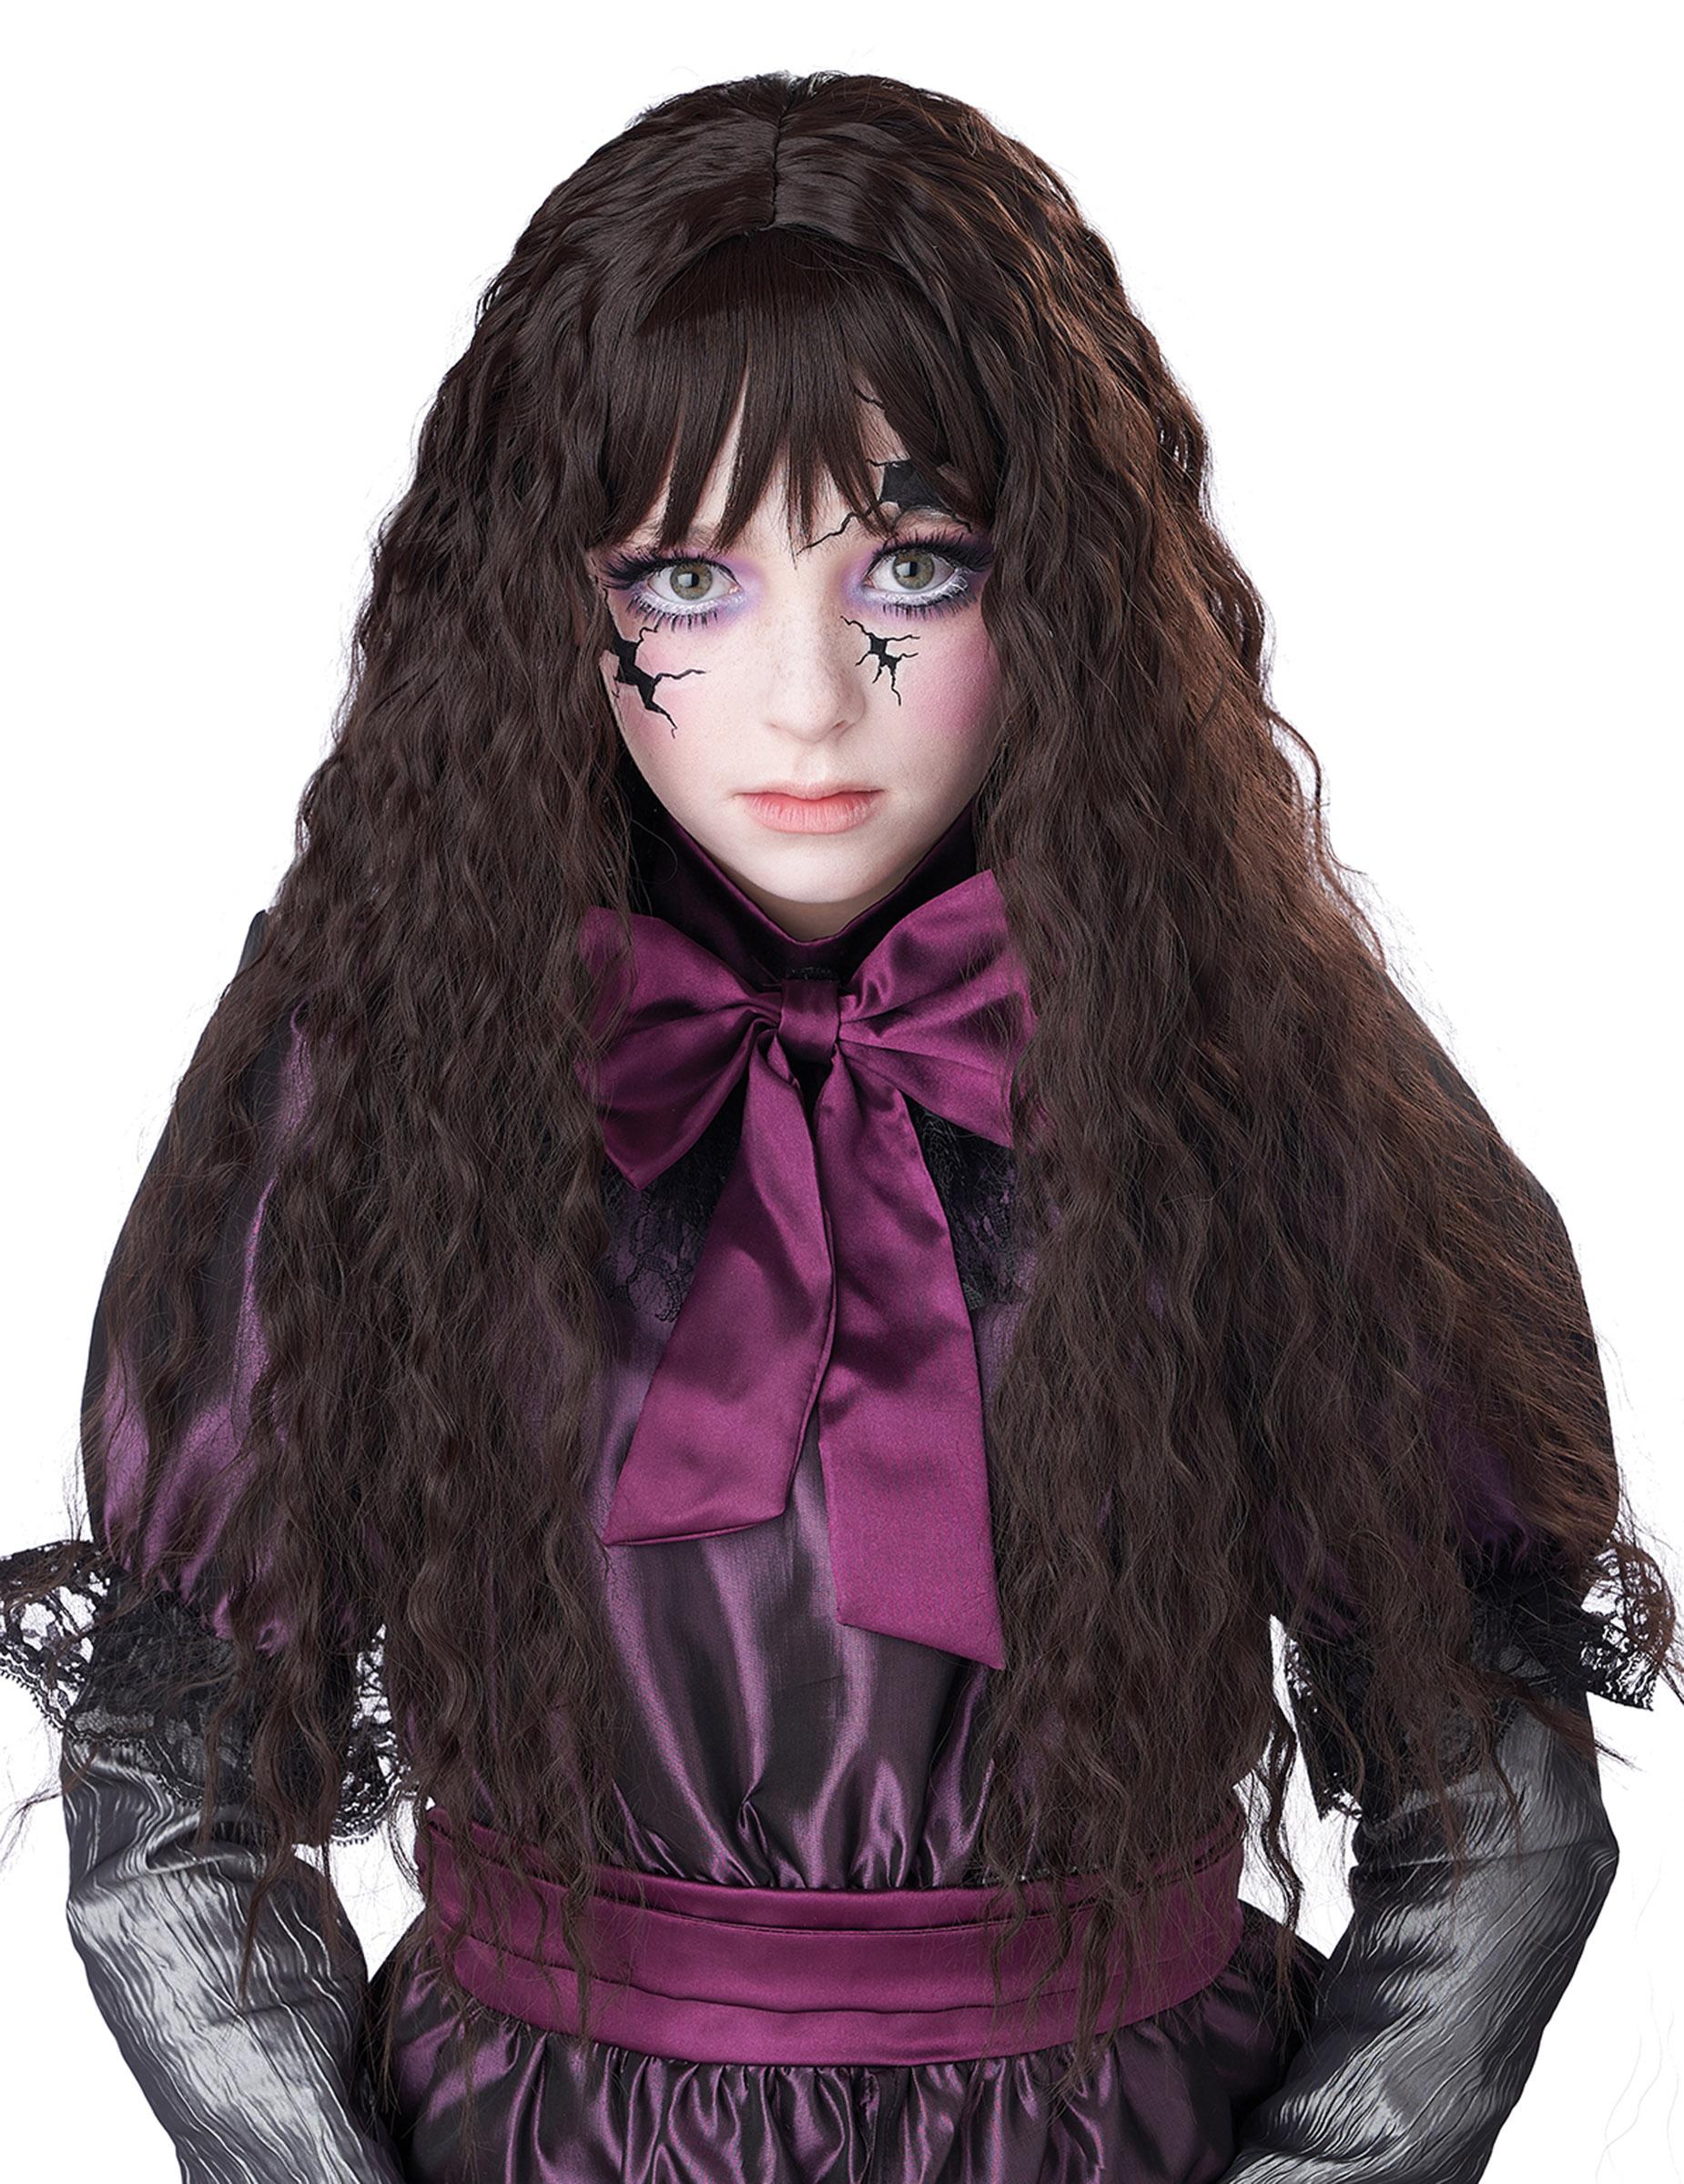 Puppen-Perücke Horrorpuppe für Halloween langhaarig für Kinder dunkelbraun 307193